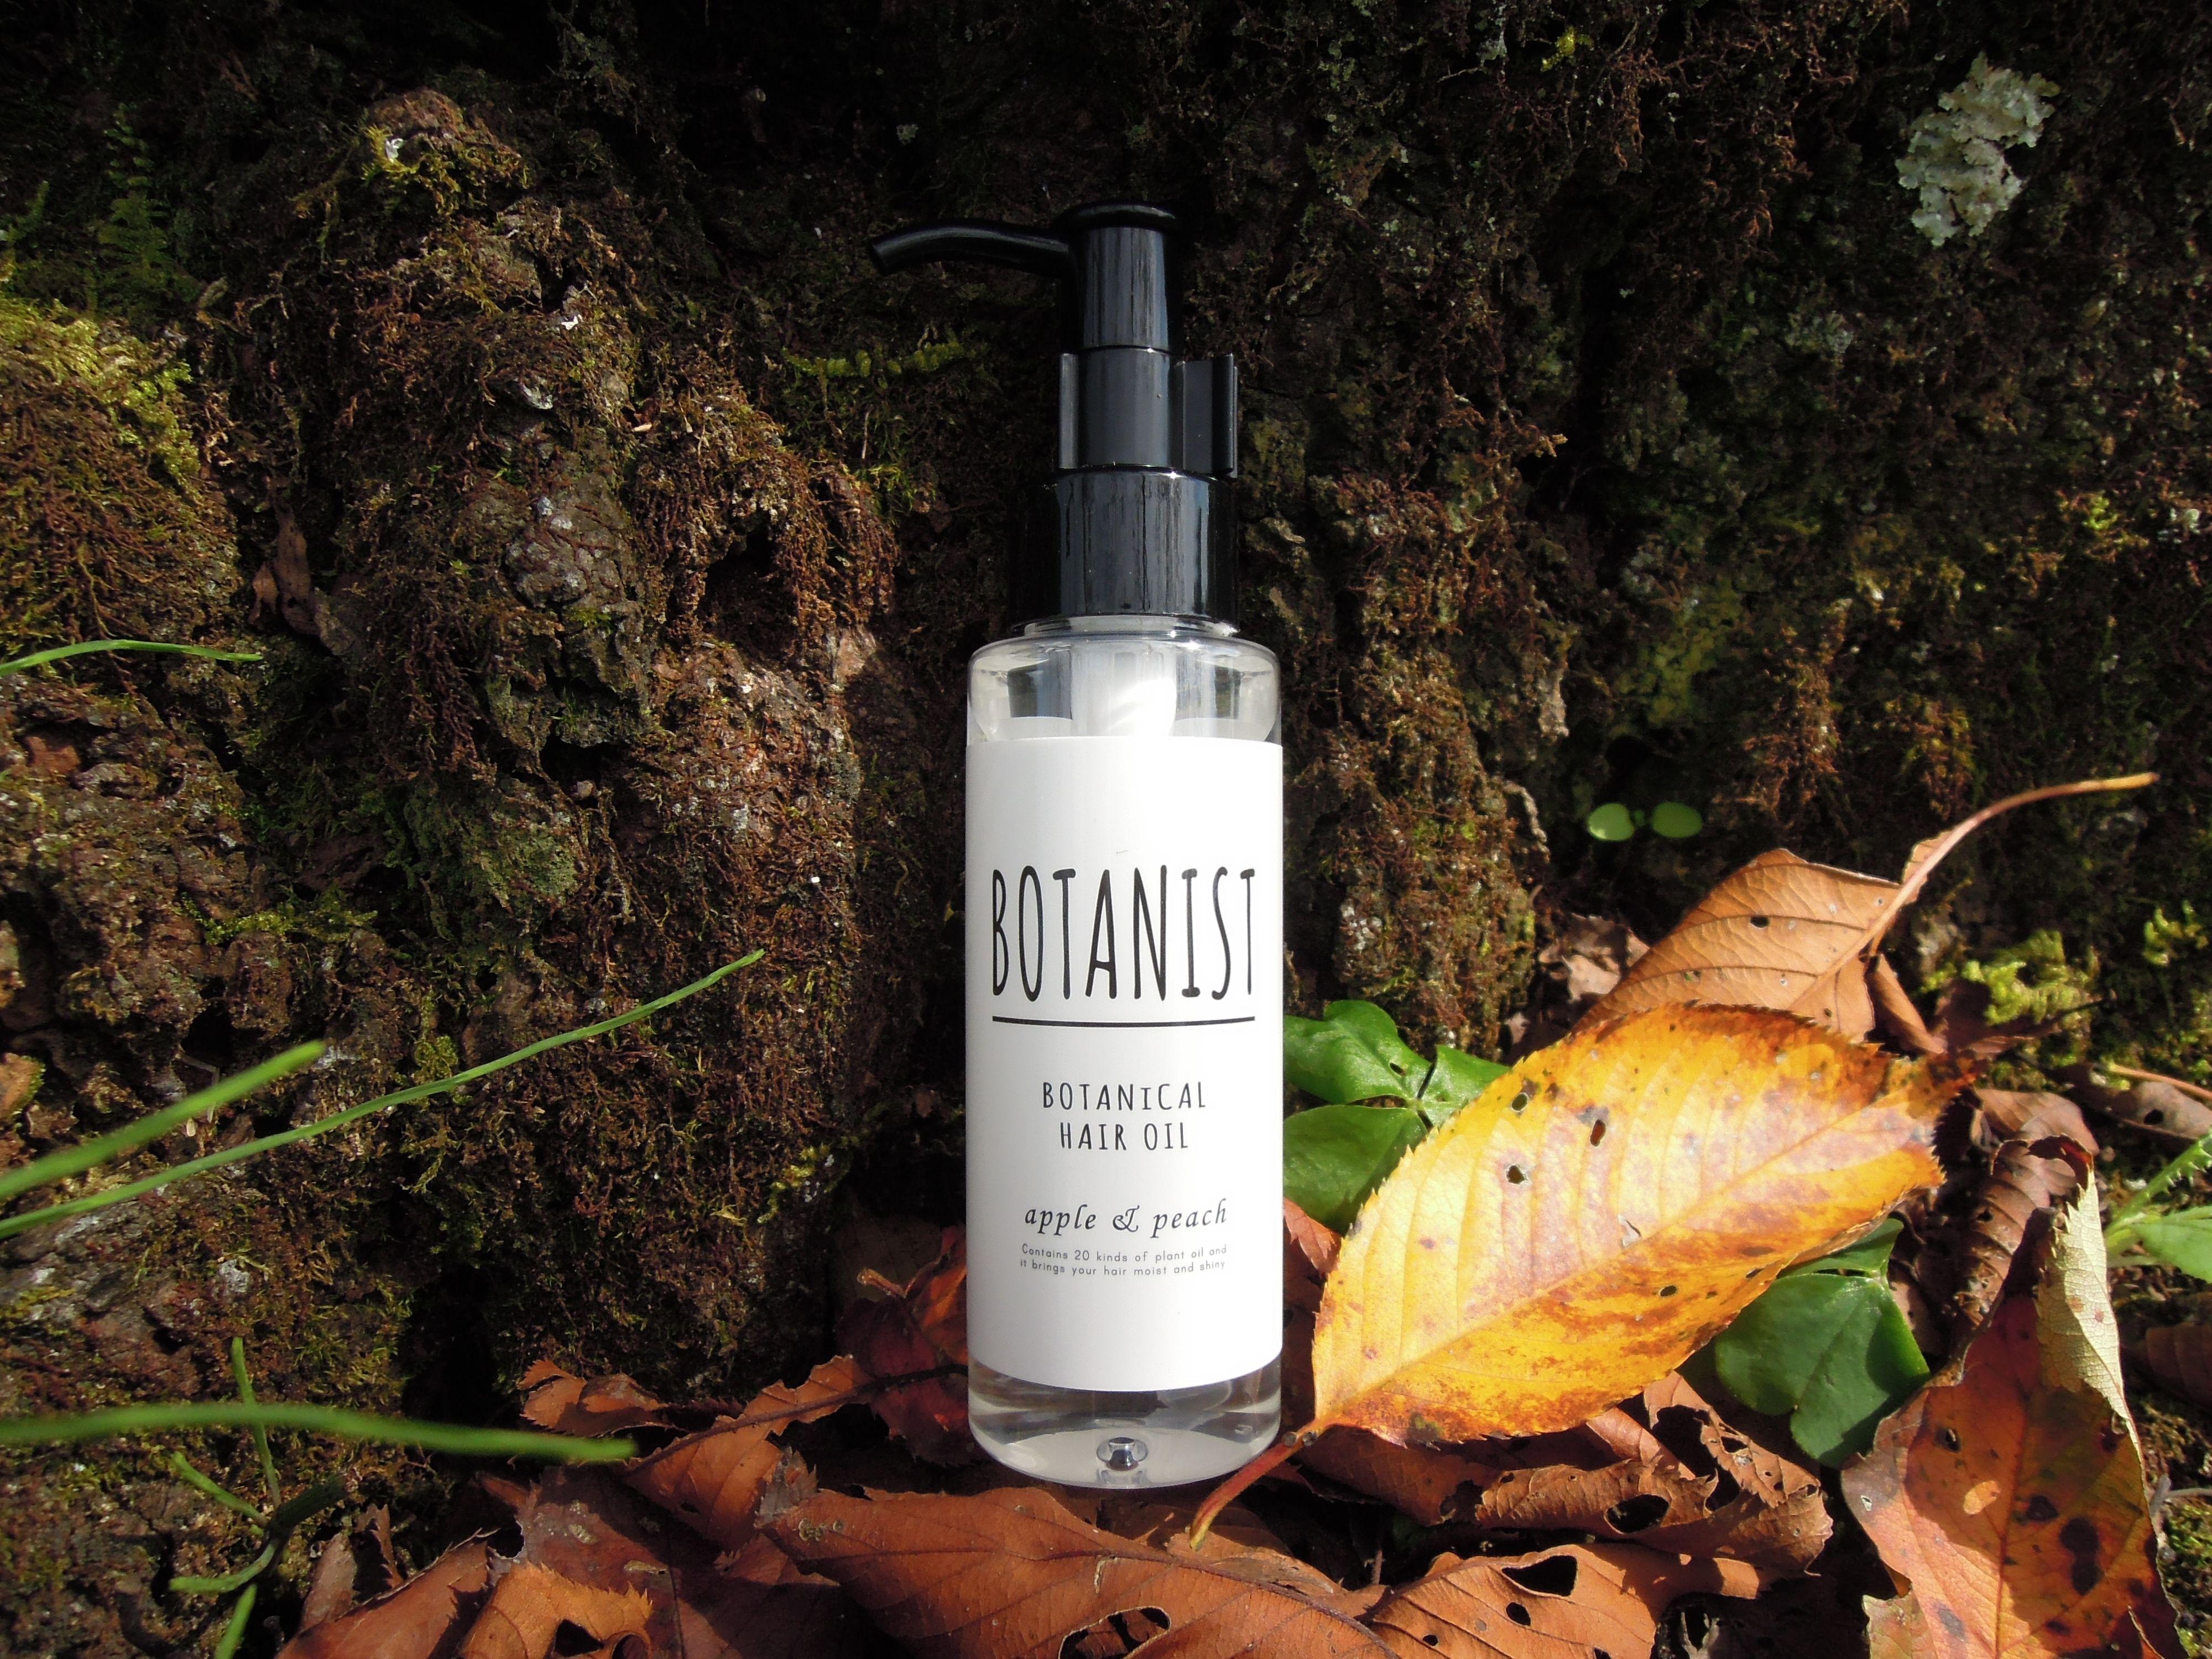 Botanical Hair Oil Botanist Green Plants Earth Botanical